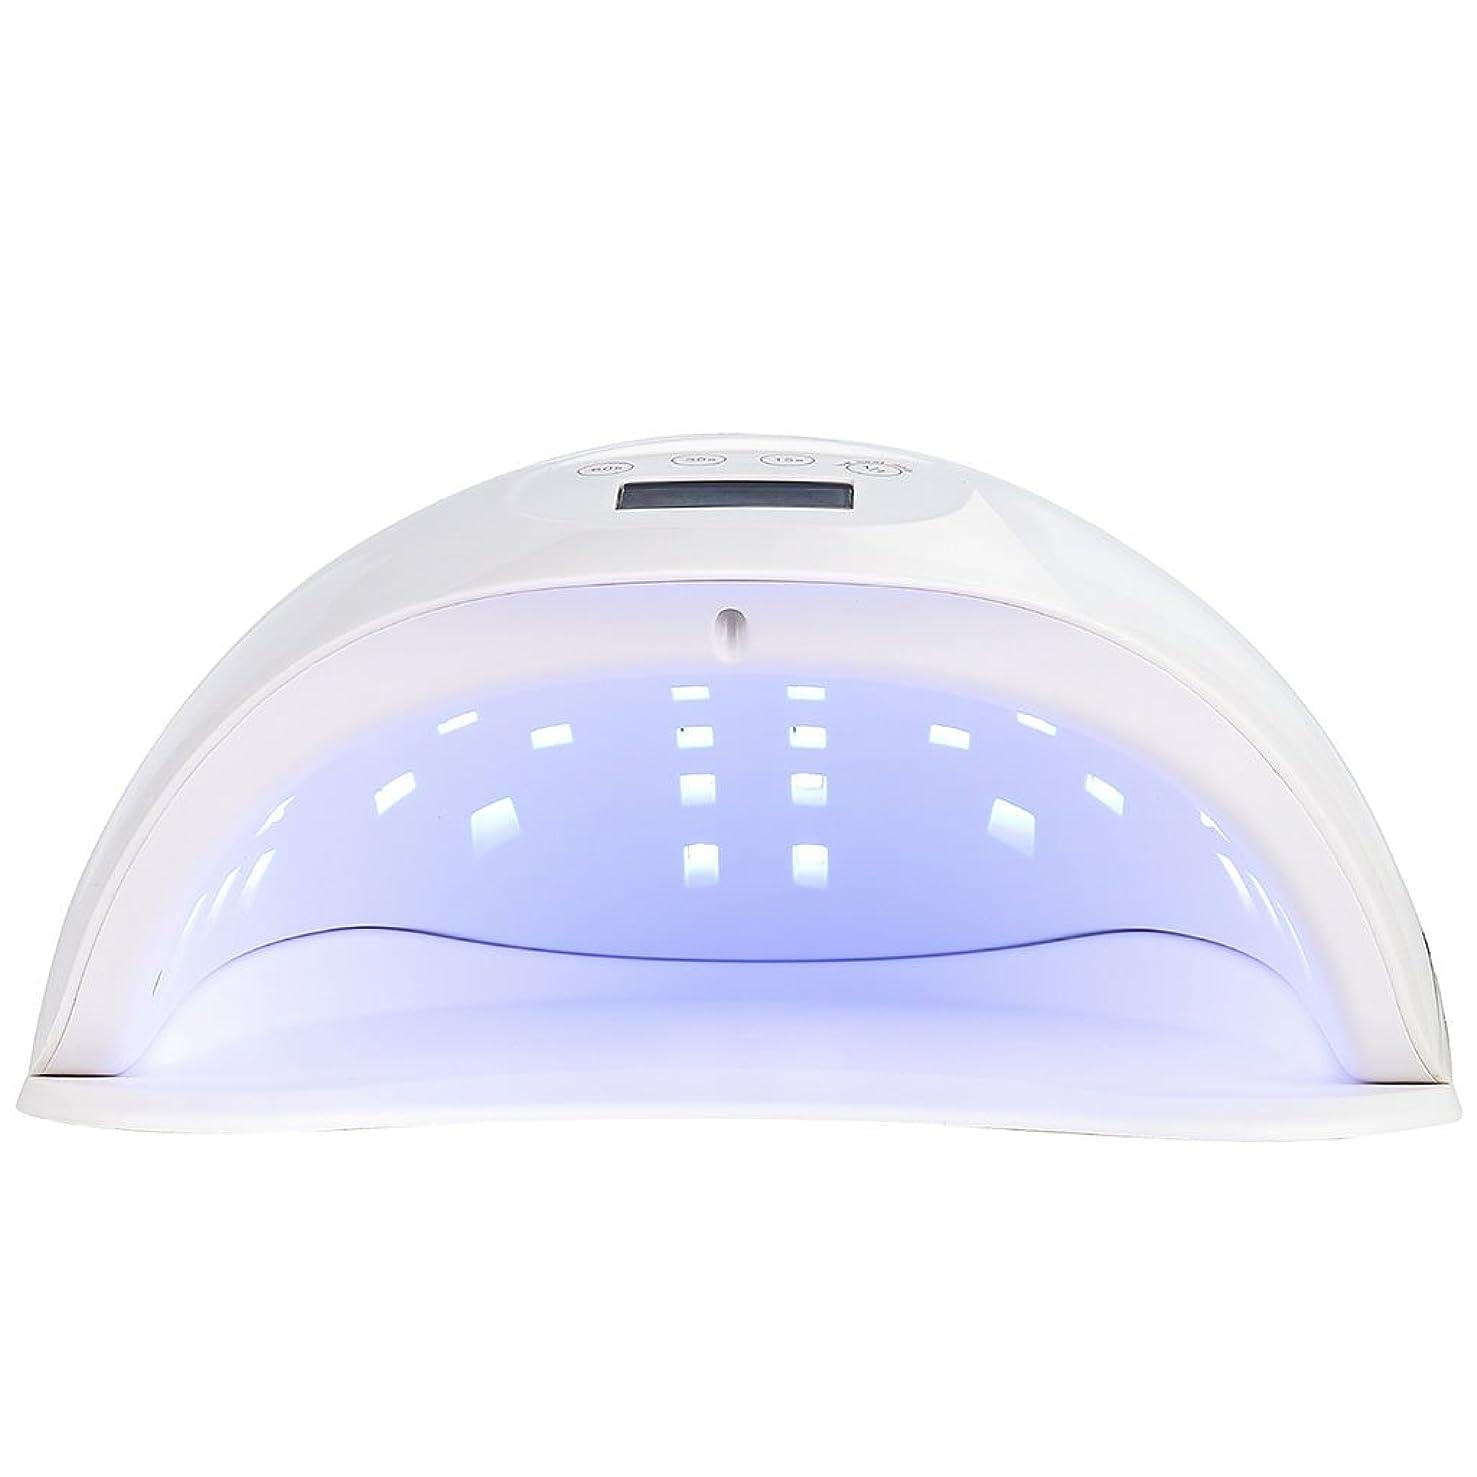 花ペデスタル弱いネイル光線療法機 ネイルドライヤー - ネイル光線治療装置LEDネイルマシン48W痛いランプ